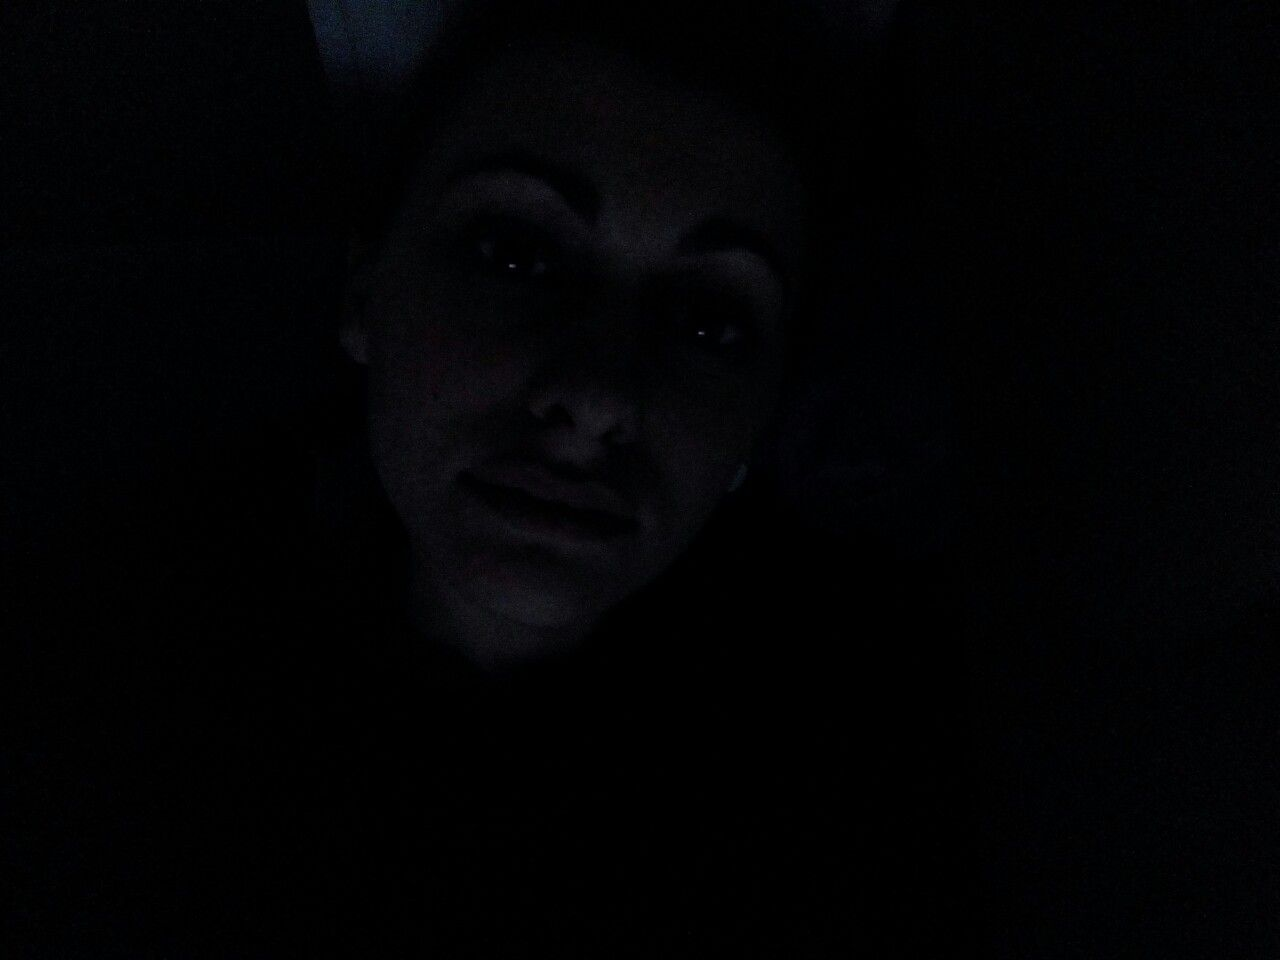 À l'abri de la lumière, je survis.